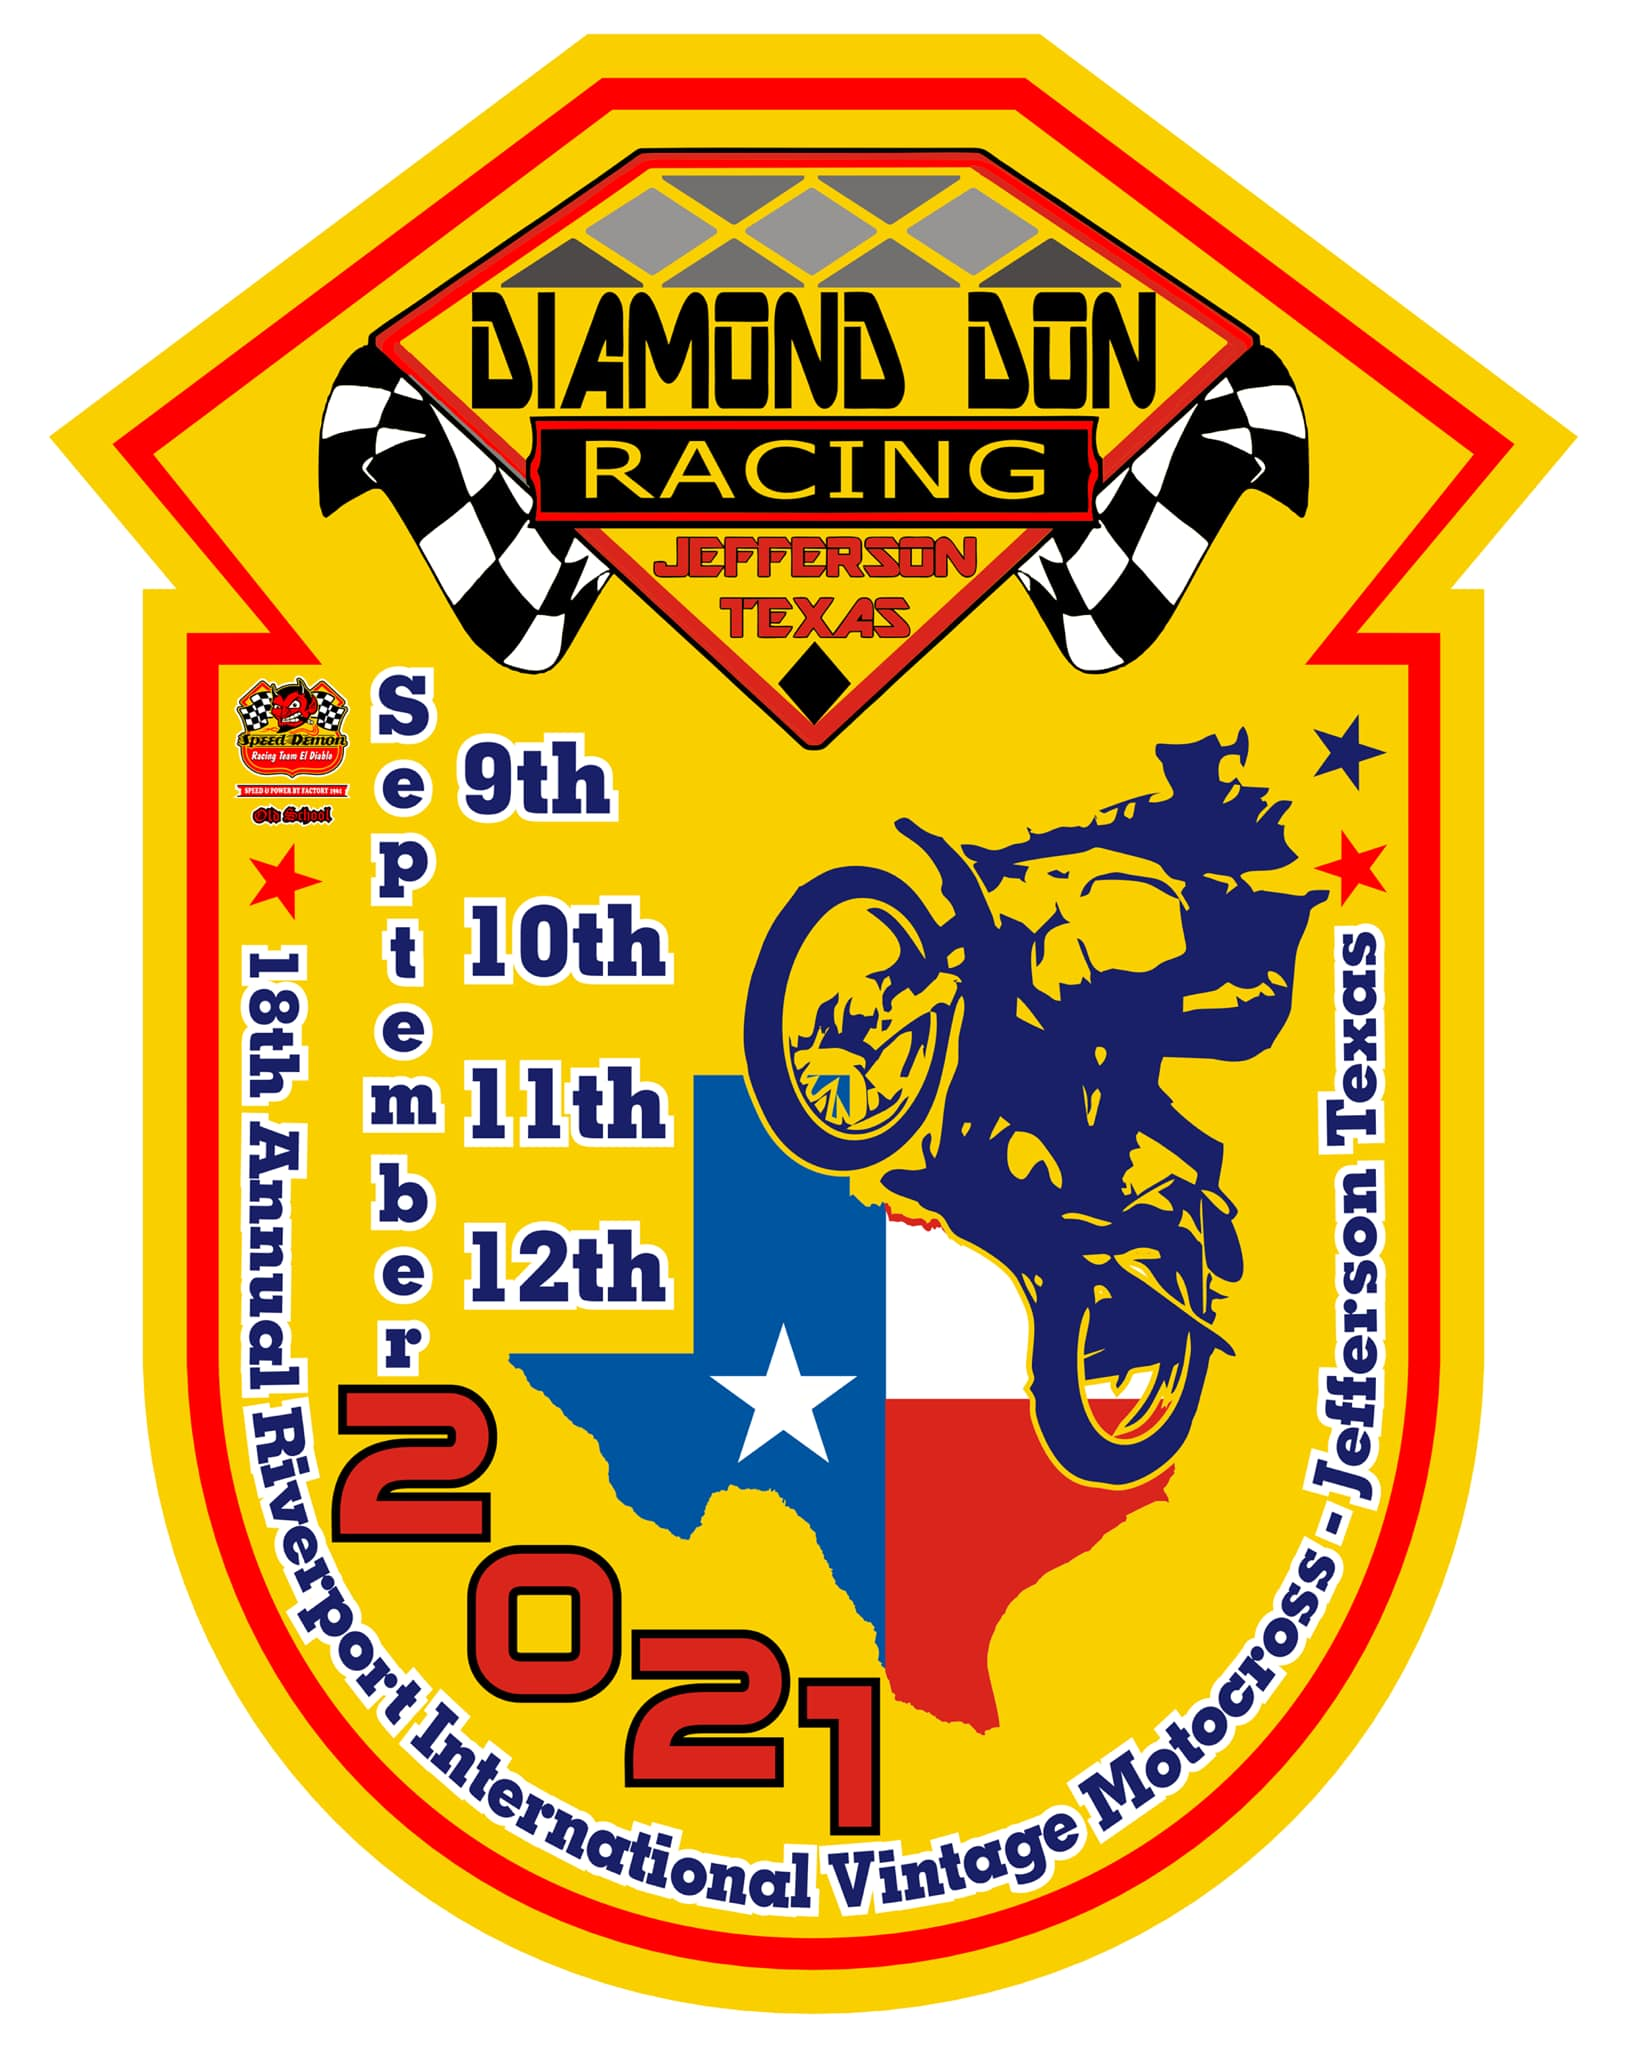 Annual AHRMA International Vintage Motocross